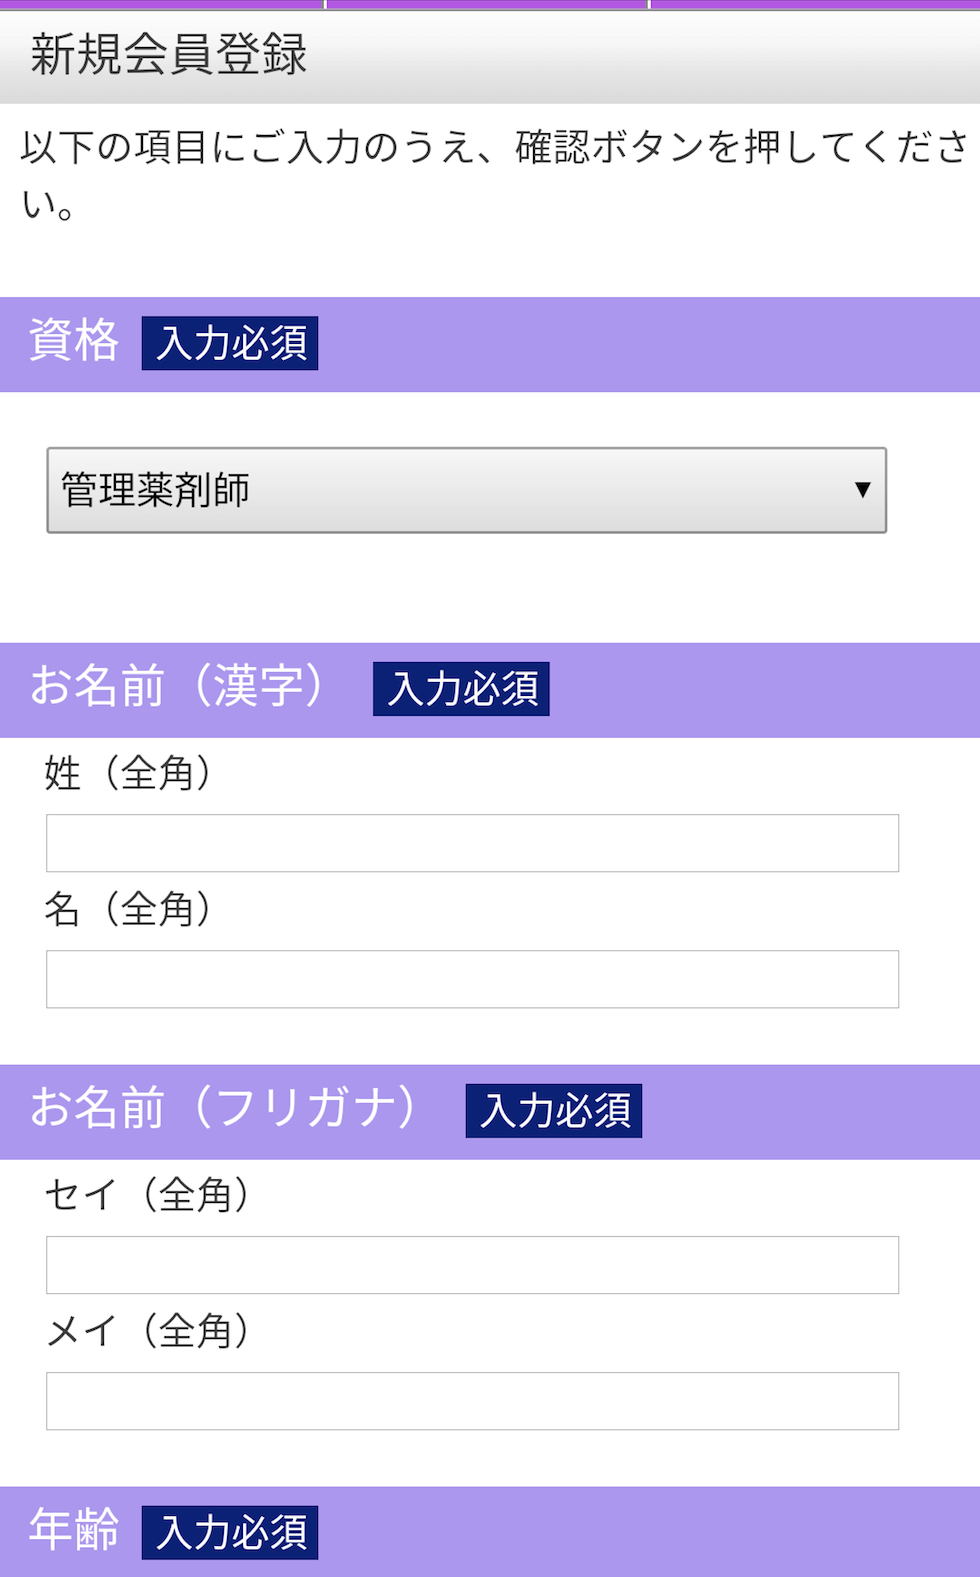 MCファーマネットの登録方法02